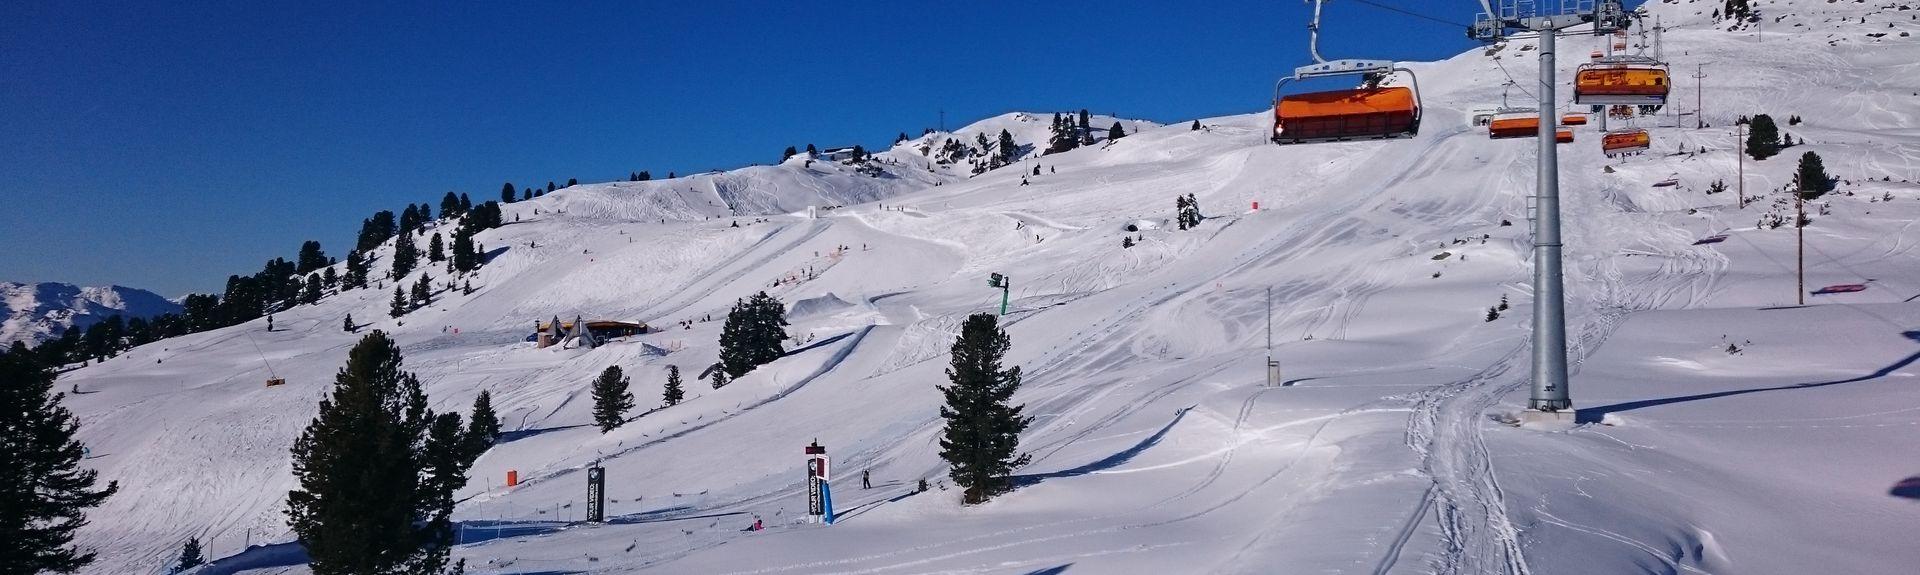 Zillertal Shuttle -hiihtohissi, Tiroli, Itävalta